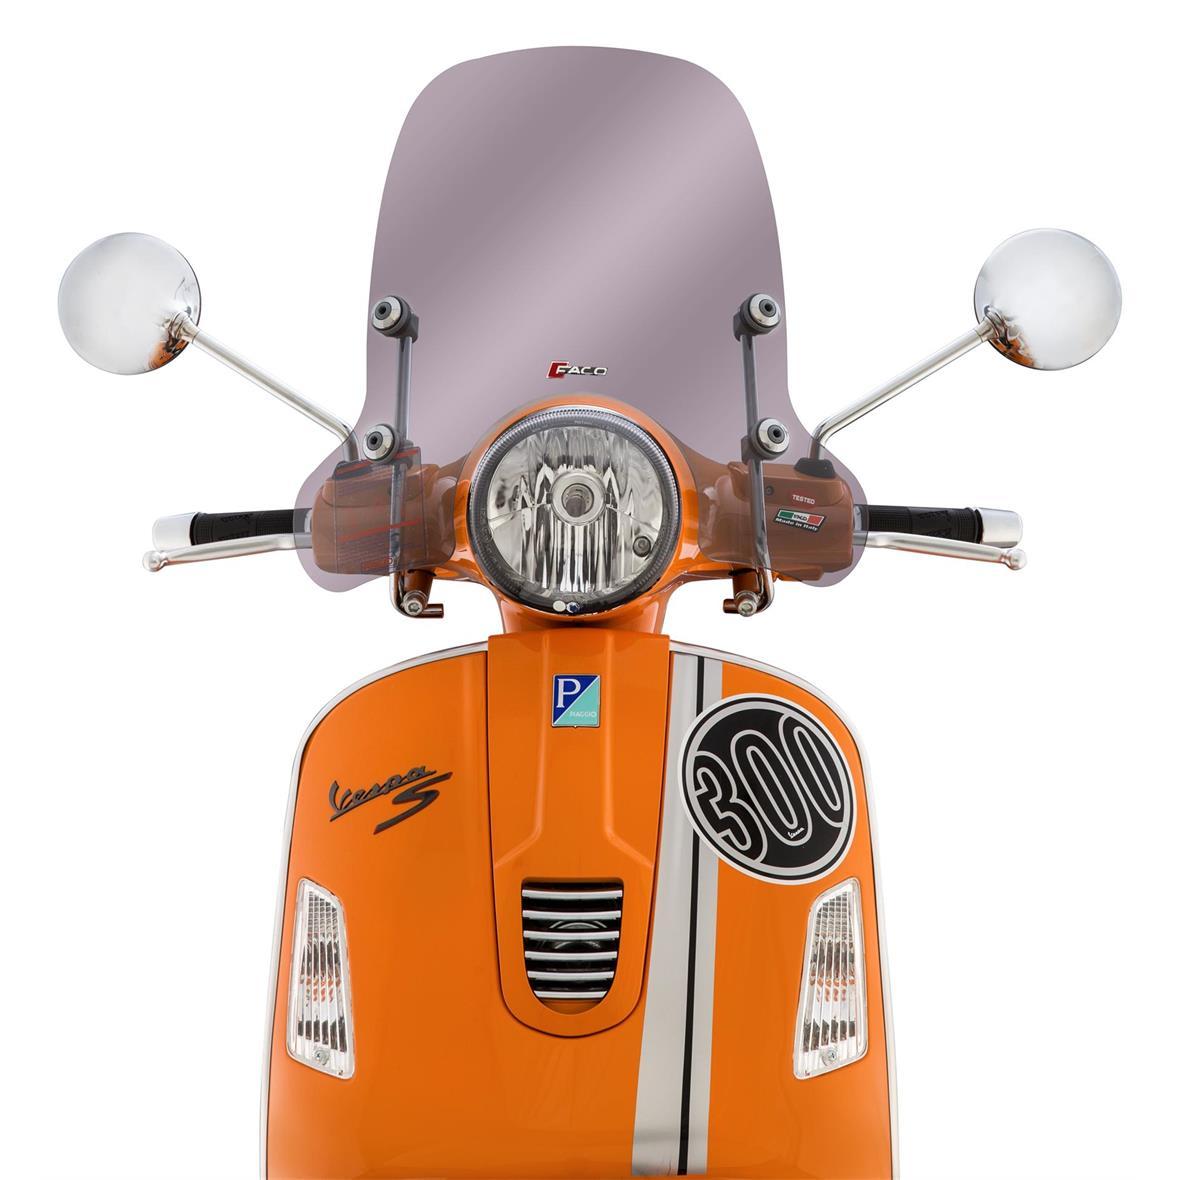 Imagen del producto para 'Miniparabrisas FACOTitle'